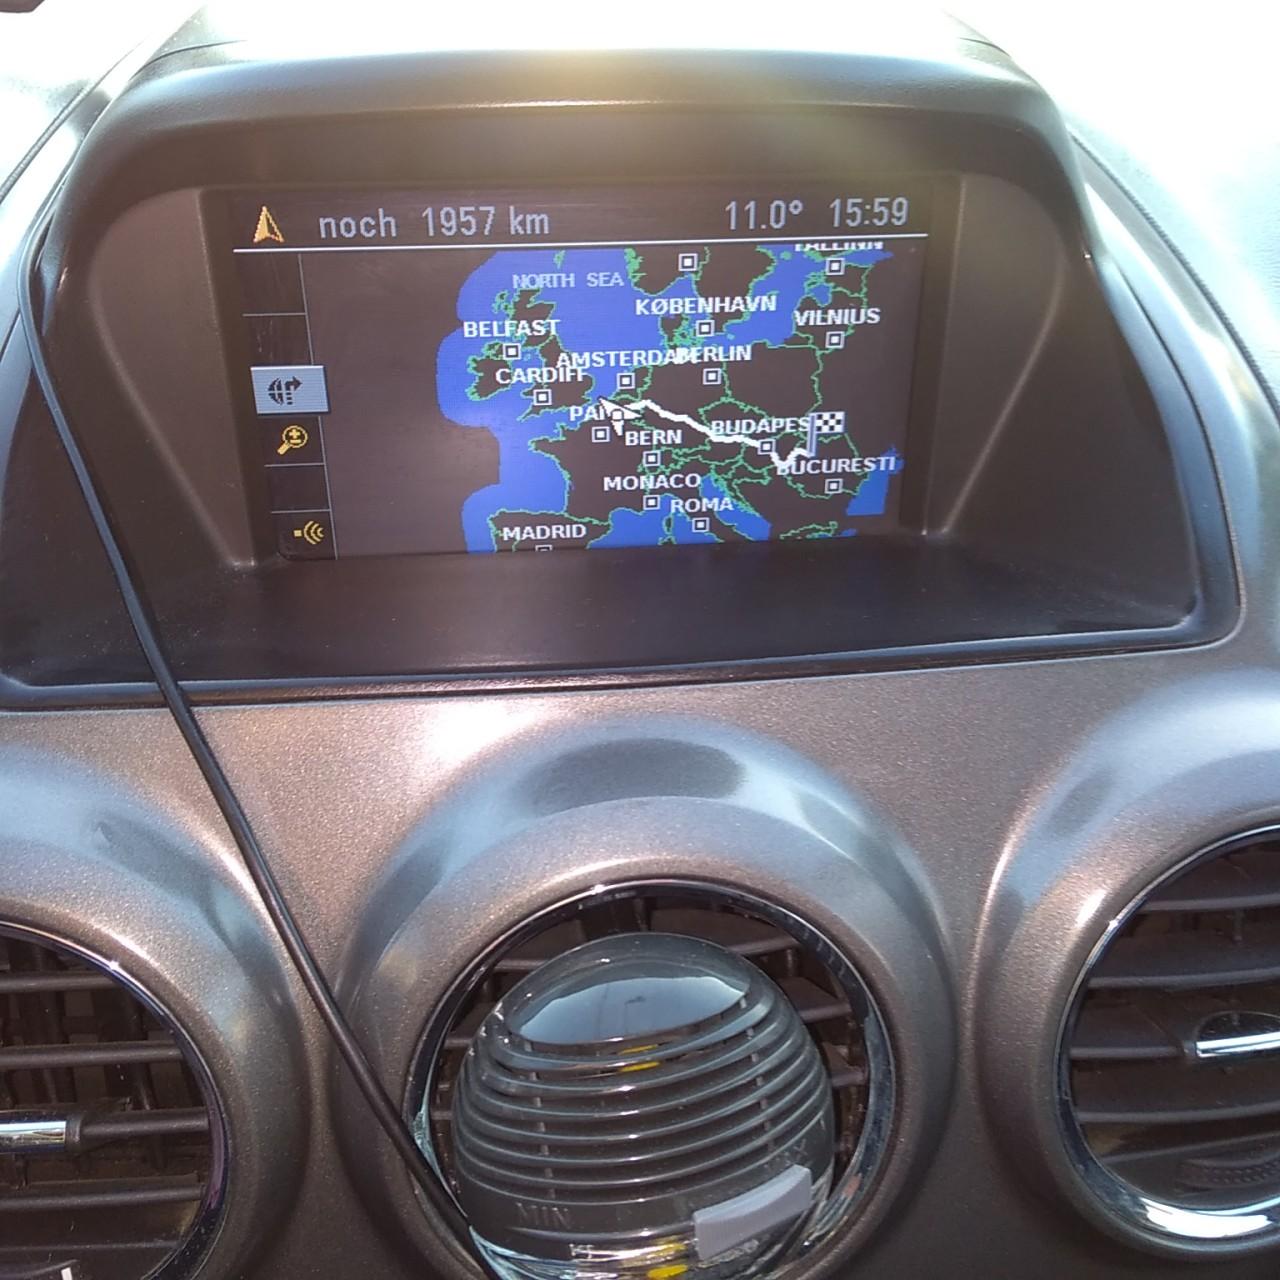 Opel Antara 2.0 CDTI 2007